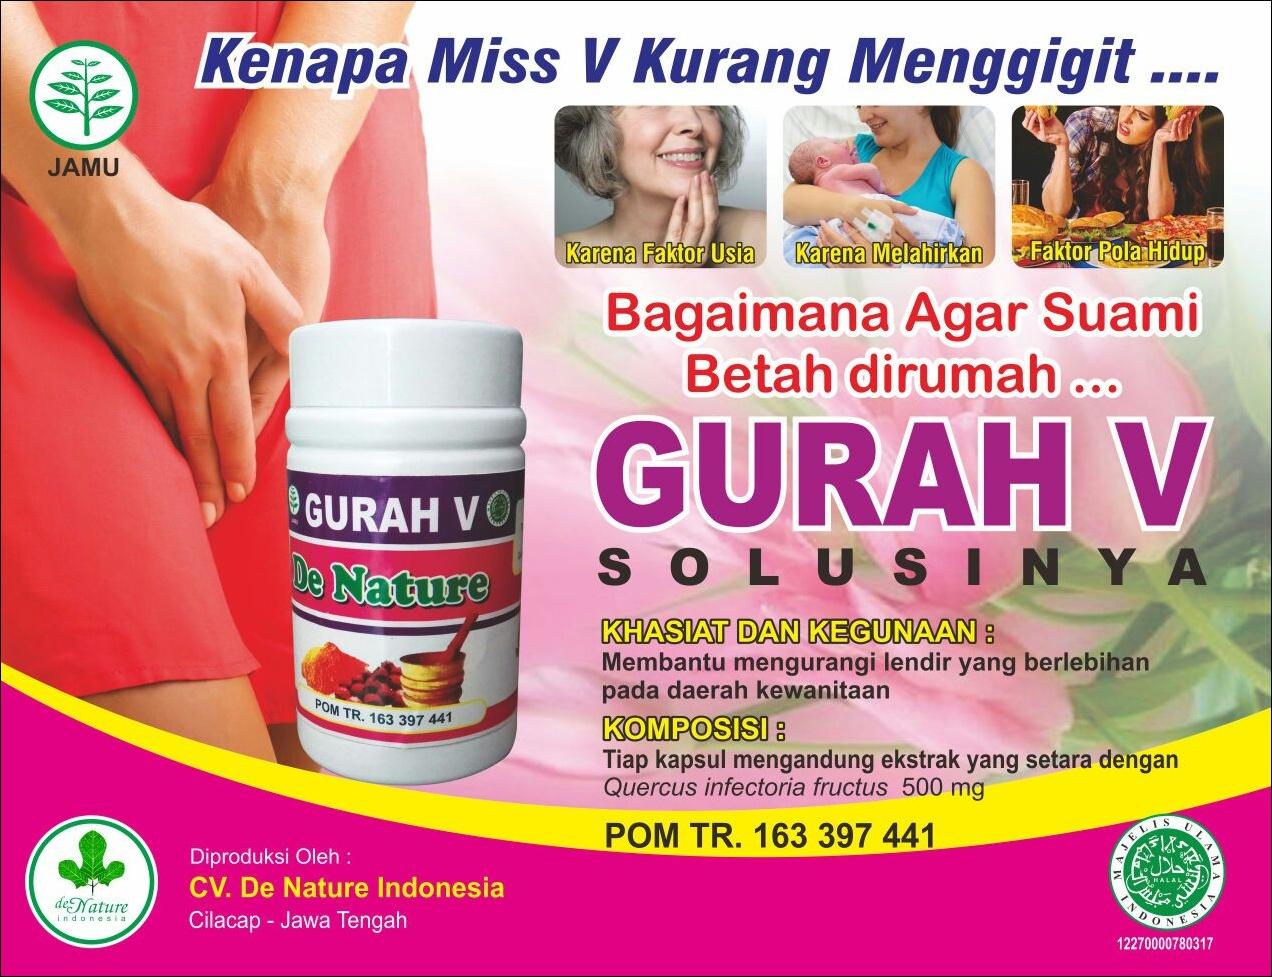 Obat Herbal Penyempit Miss V Di Mamuju. 082326813507